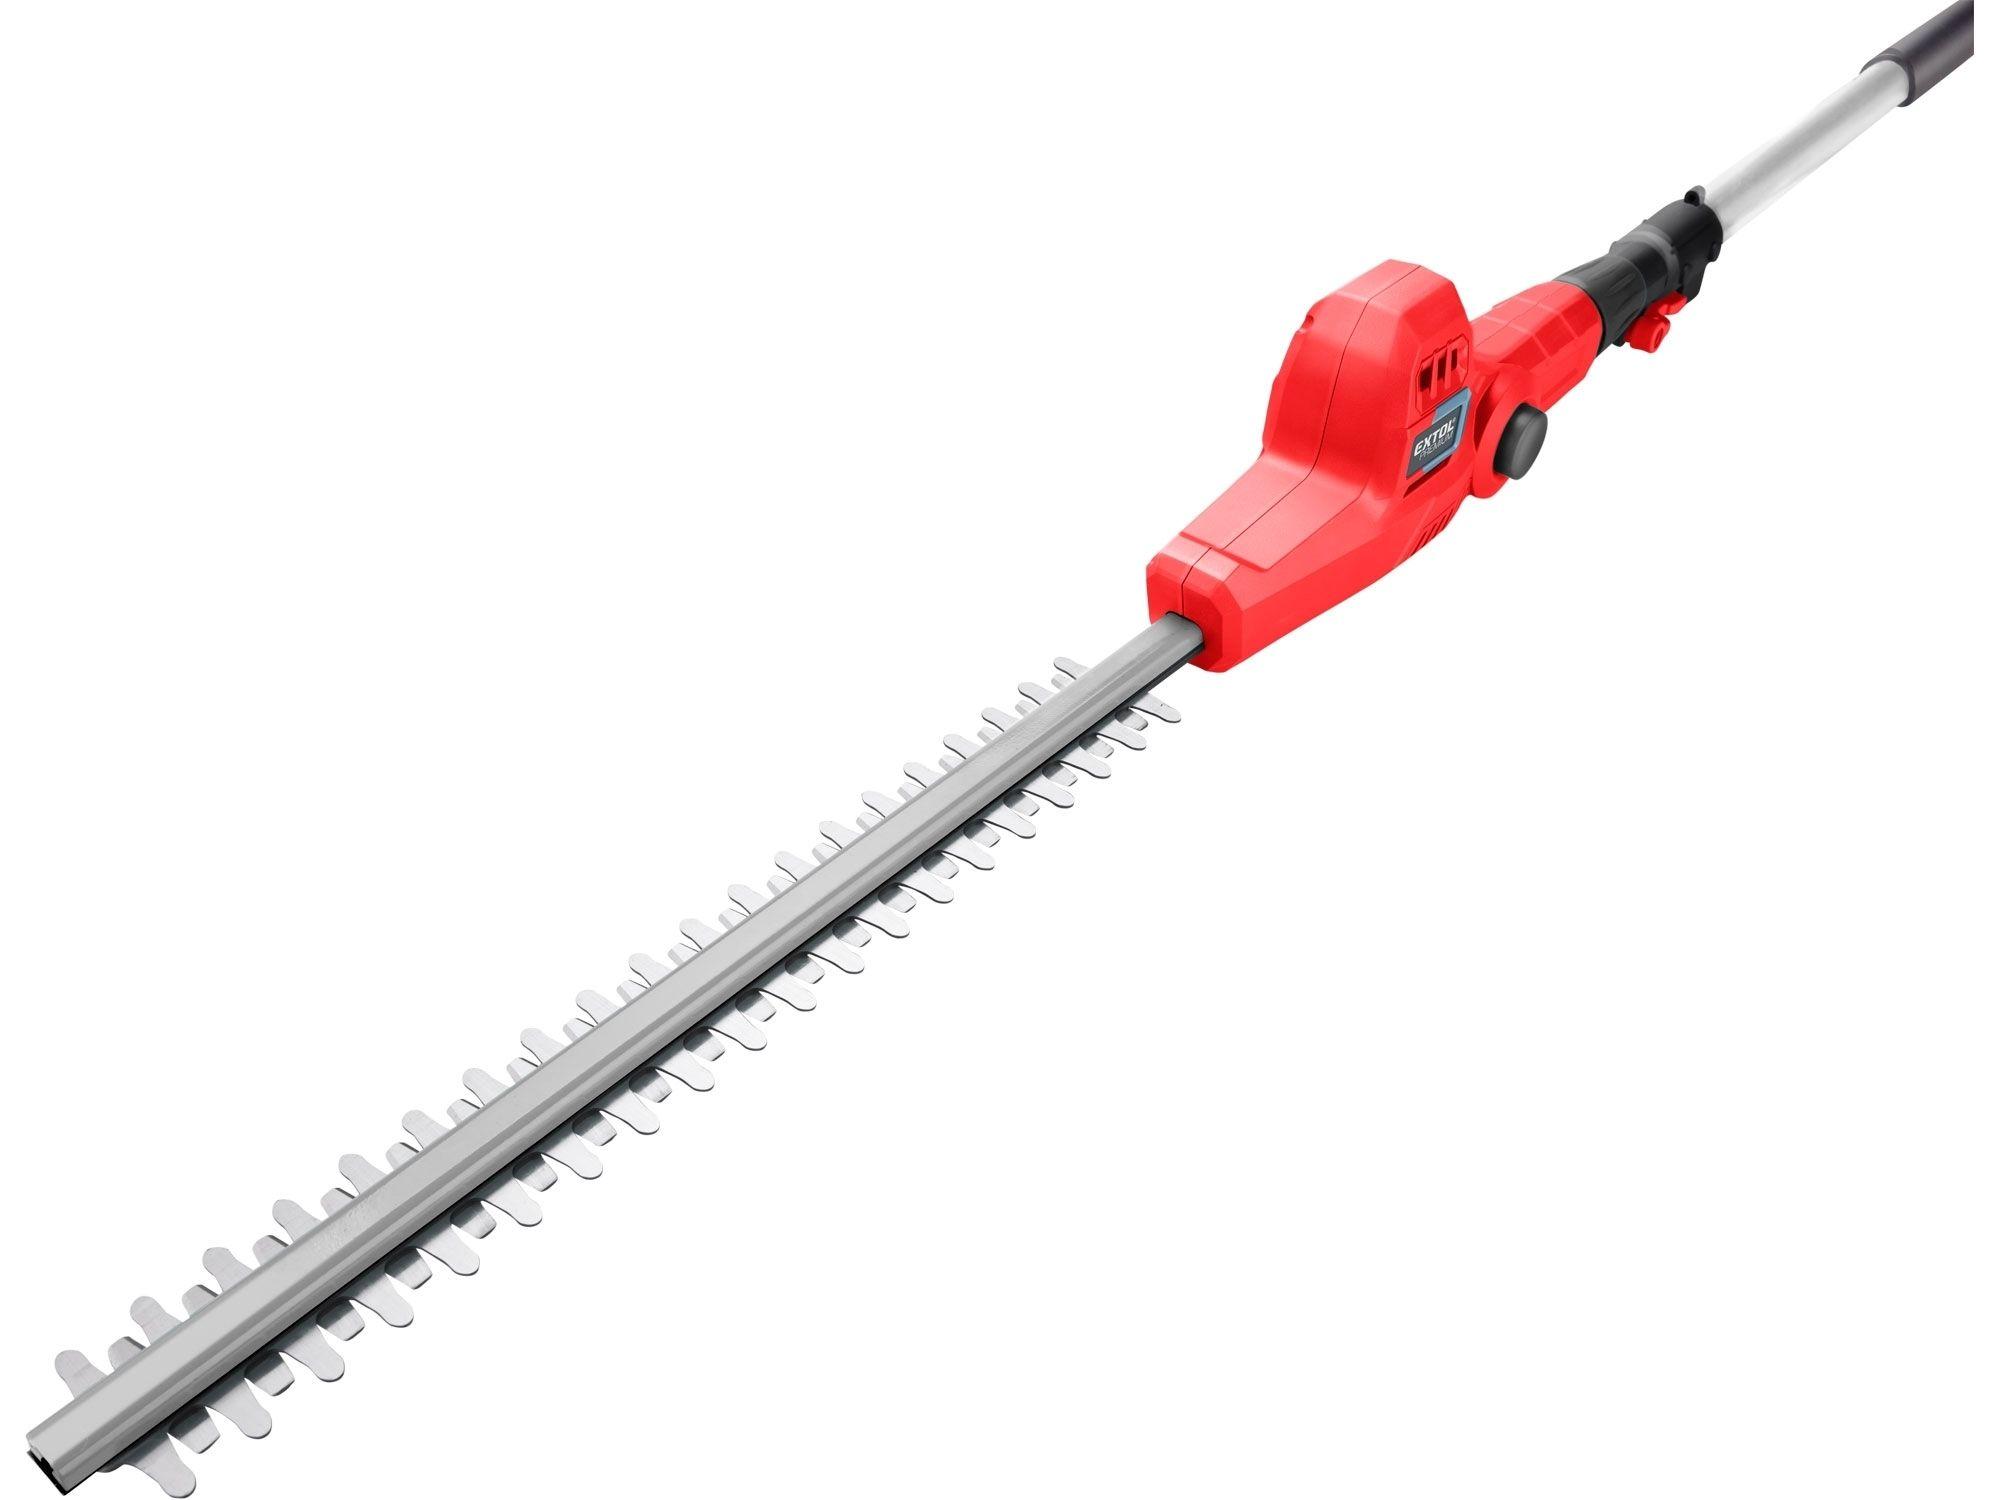 Nůžky na živé ploty aku, teleskopické 2,78m, 20V Li-ion, bez baterie a nabíječky EXTOL-PREMIUM